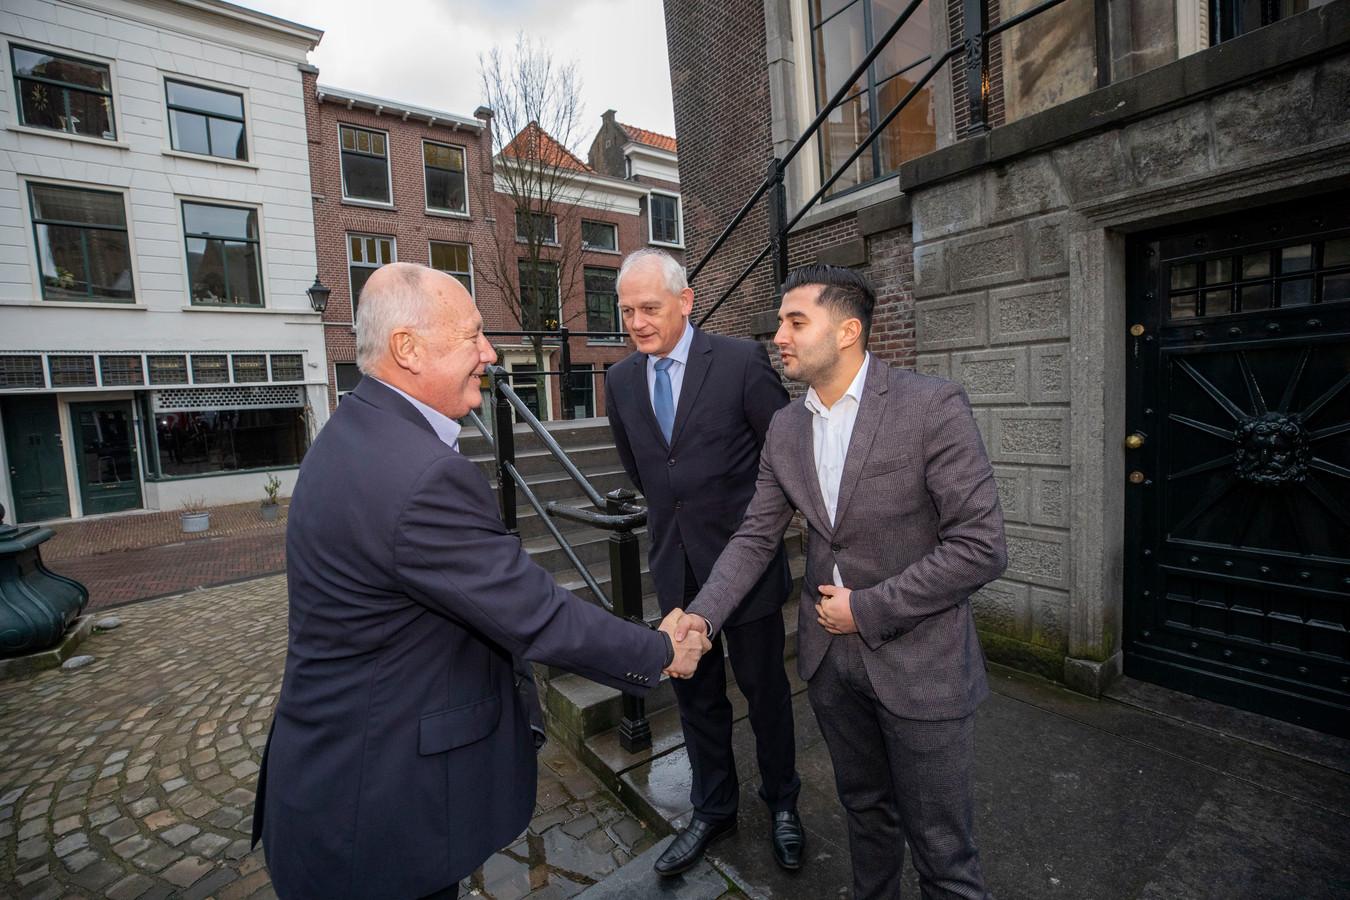 Dogukan Ergin, fractievoorzitter van Denk Schiedam, ontvangt de Amerikaanse ambassadeur Pete Hoekstra. Burgemeester Cor Lamers kijkt toe.